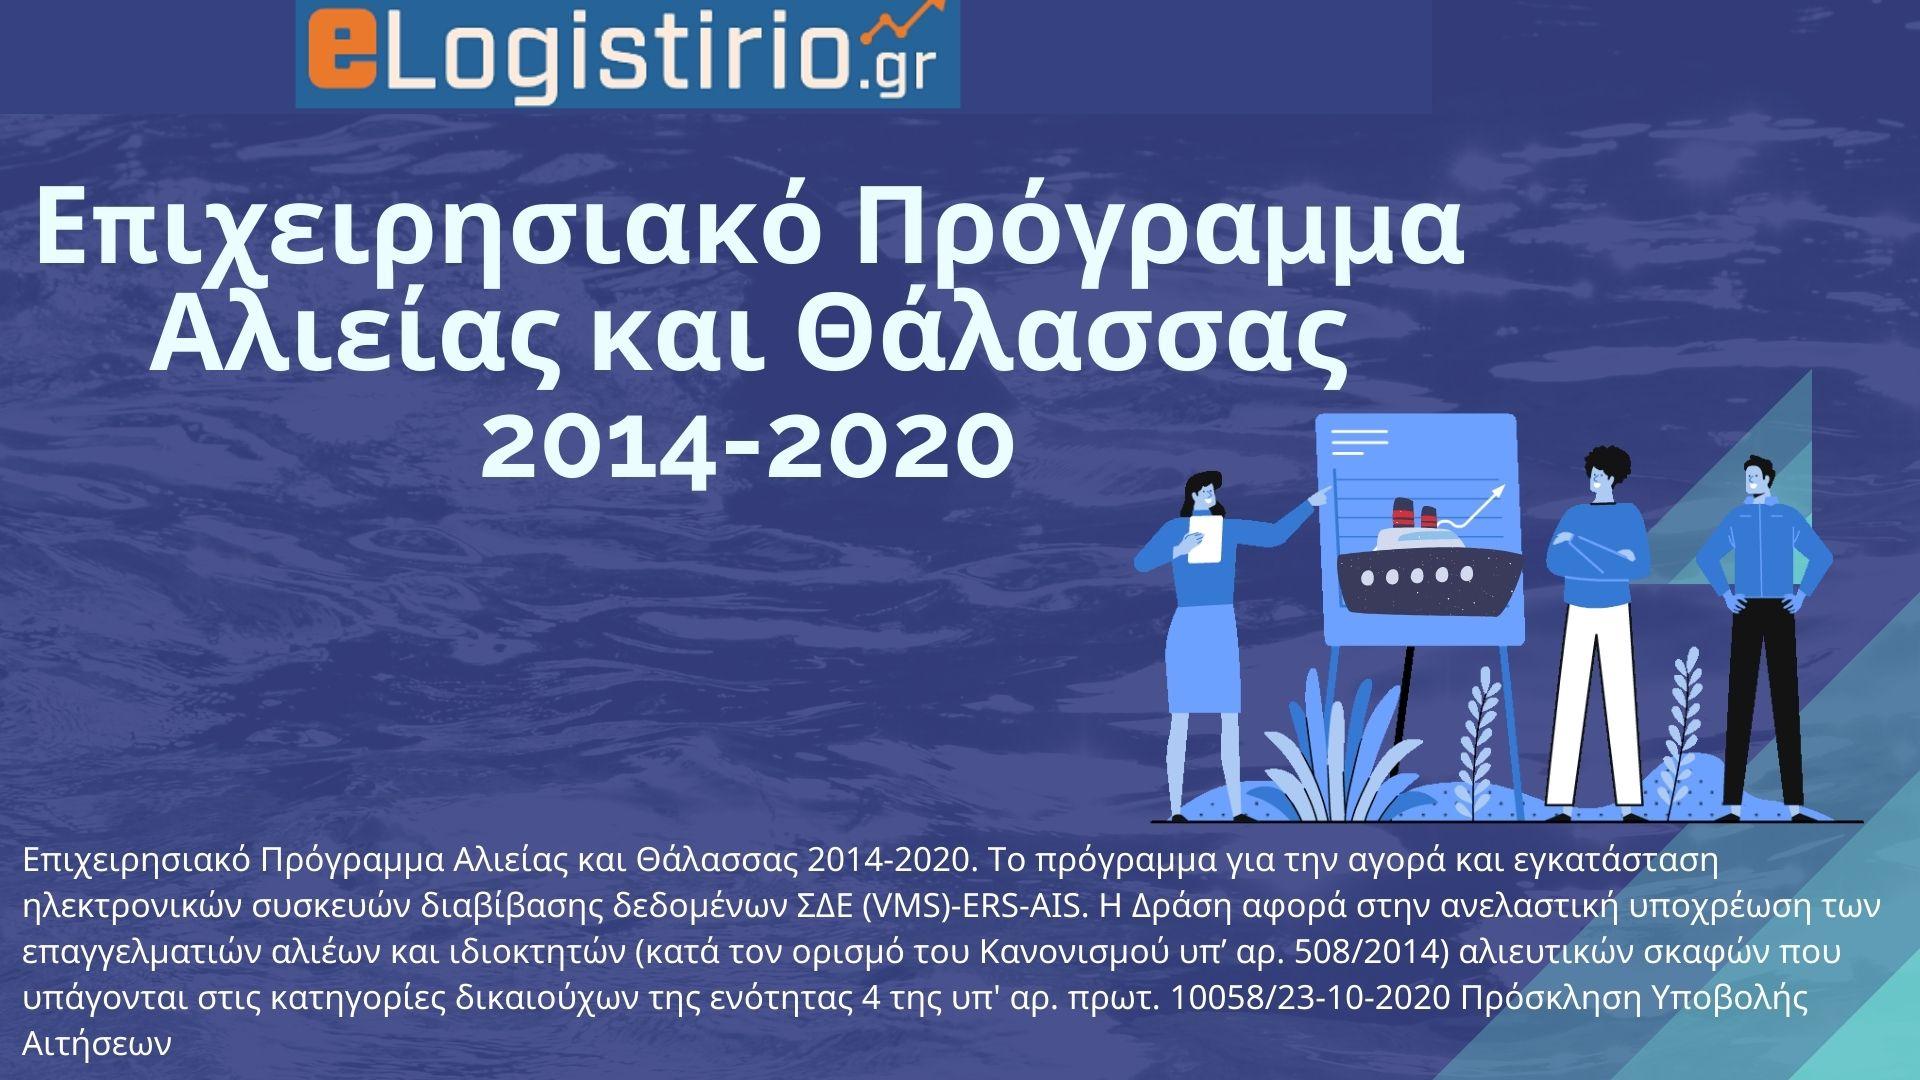 Επιχειρησιακό Πρόγραμμα Αλιείας και Θάλασσας 2014-2020